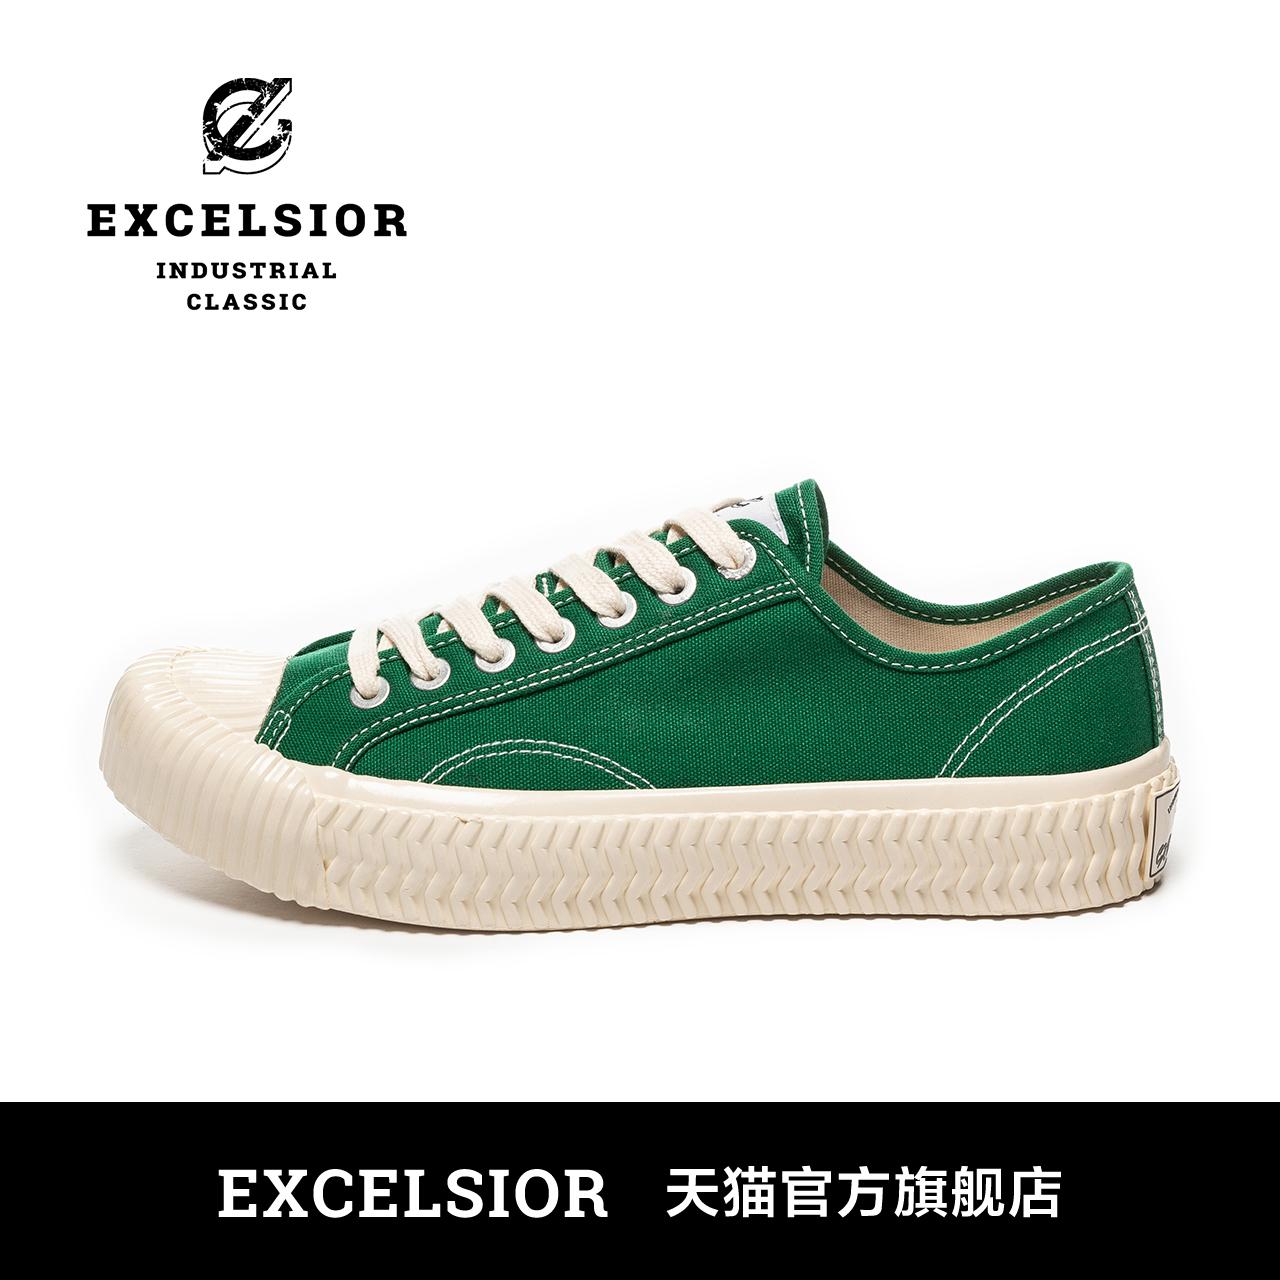 绿色运动鞋 EXCELSIOR韩国饼干鞋女夏季时尚透气帆布鞋绿色增高运动休闲鞋男_推荐淘宝好看的绿色运动鞋